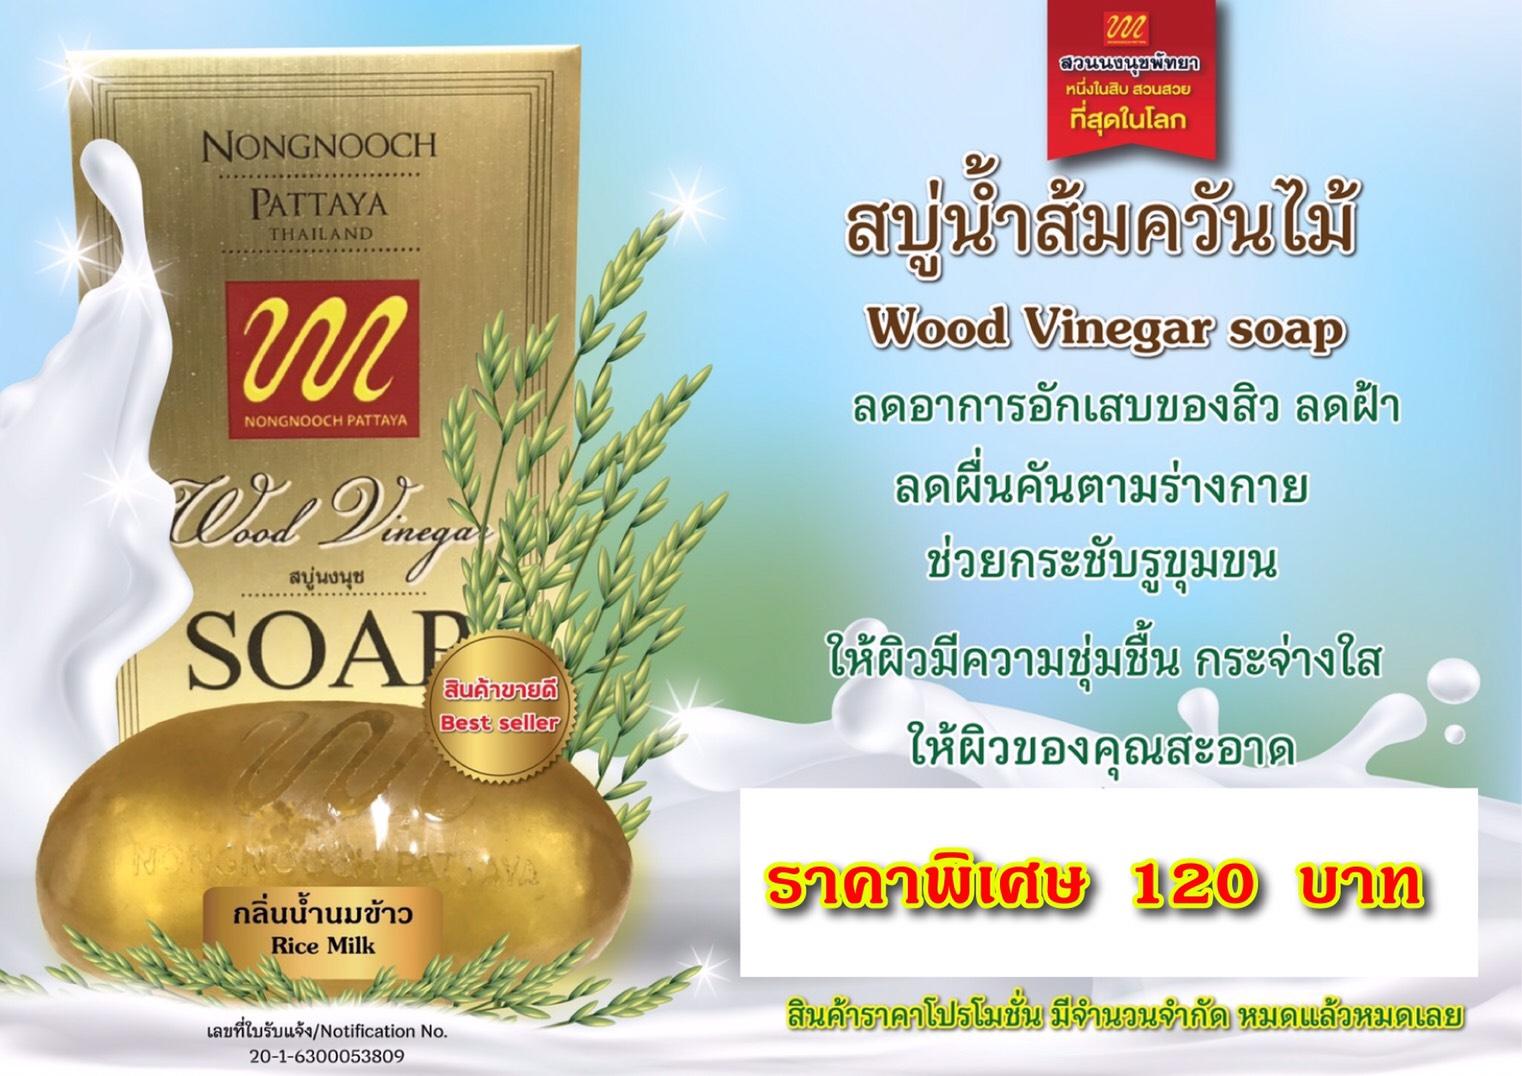 Wood Vinegar Soap